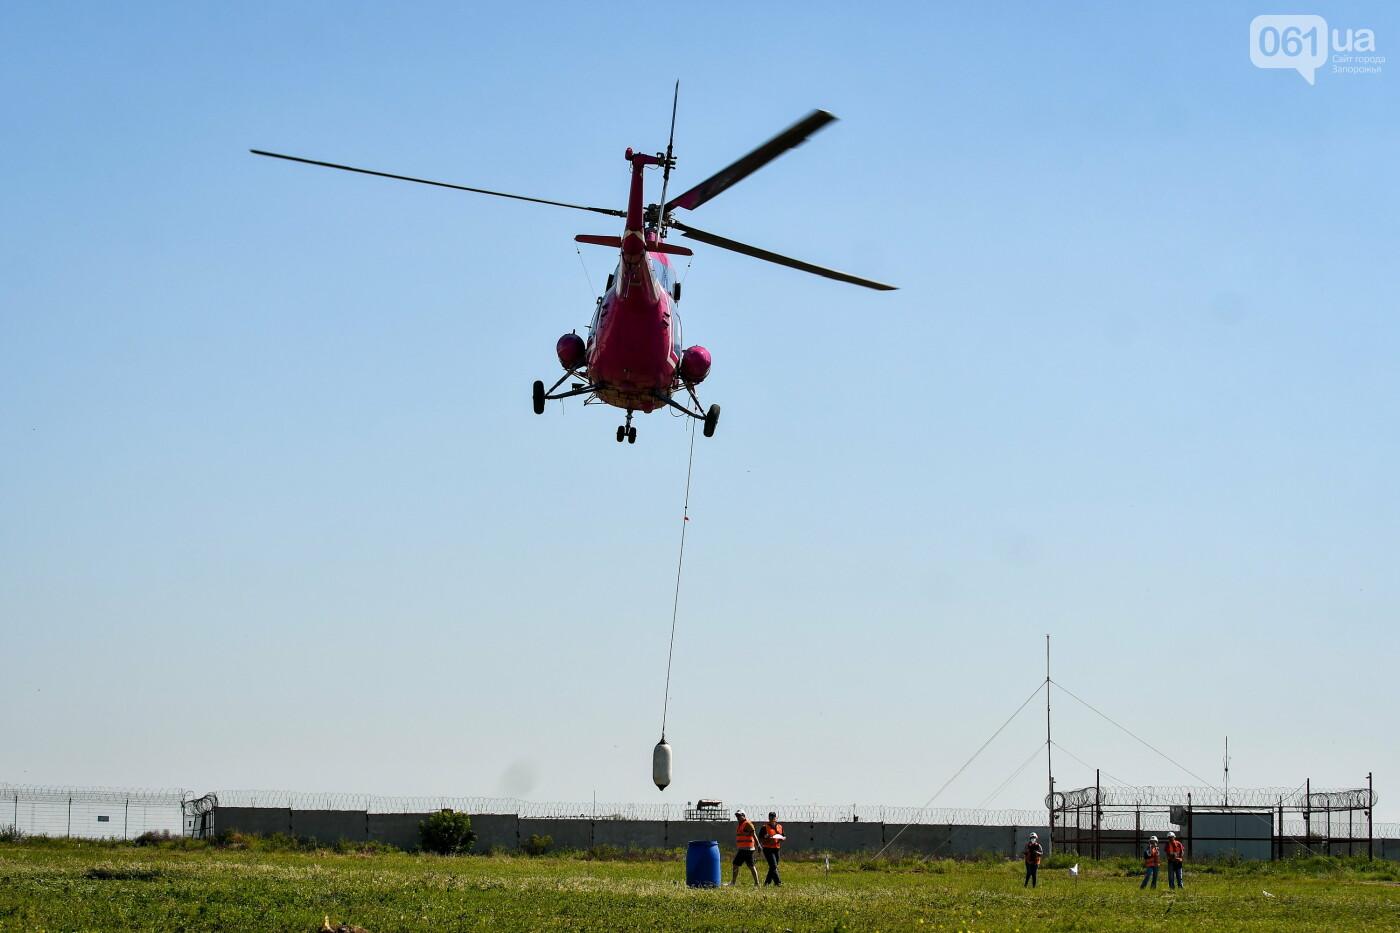 В Запорожье проходят соревнования по вертолетному спорту, - ФОТОРЕПОРТАЖ, фото-11